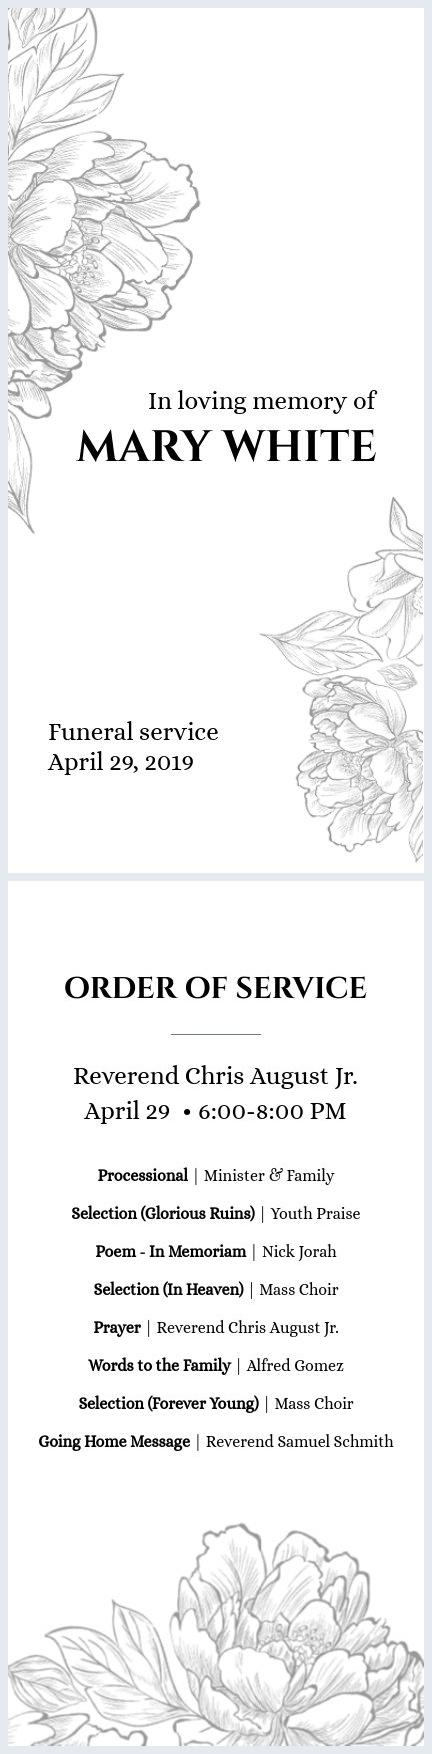 Modèle vierge de programme de funérailles